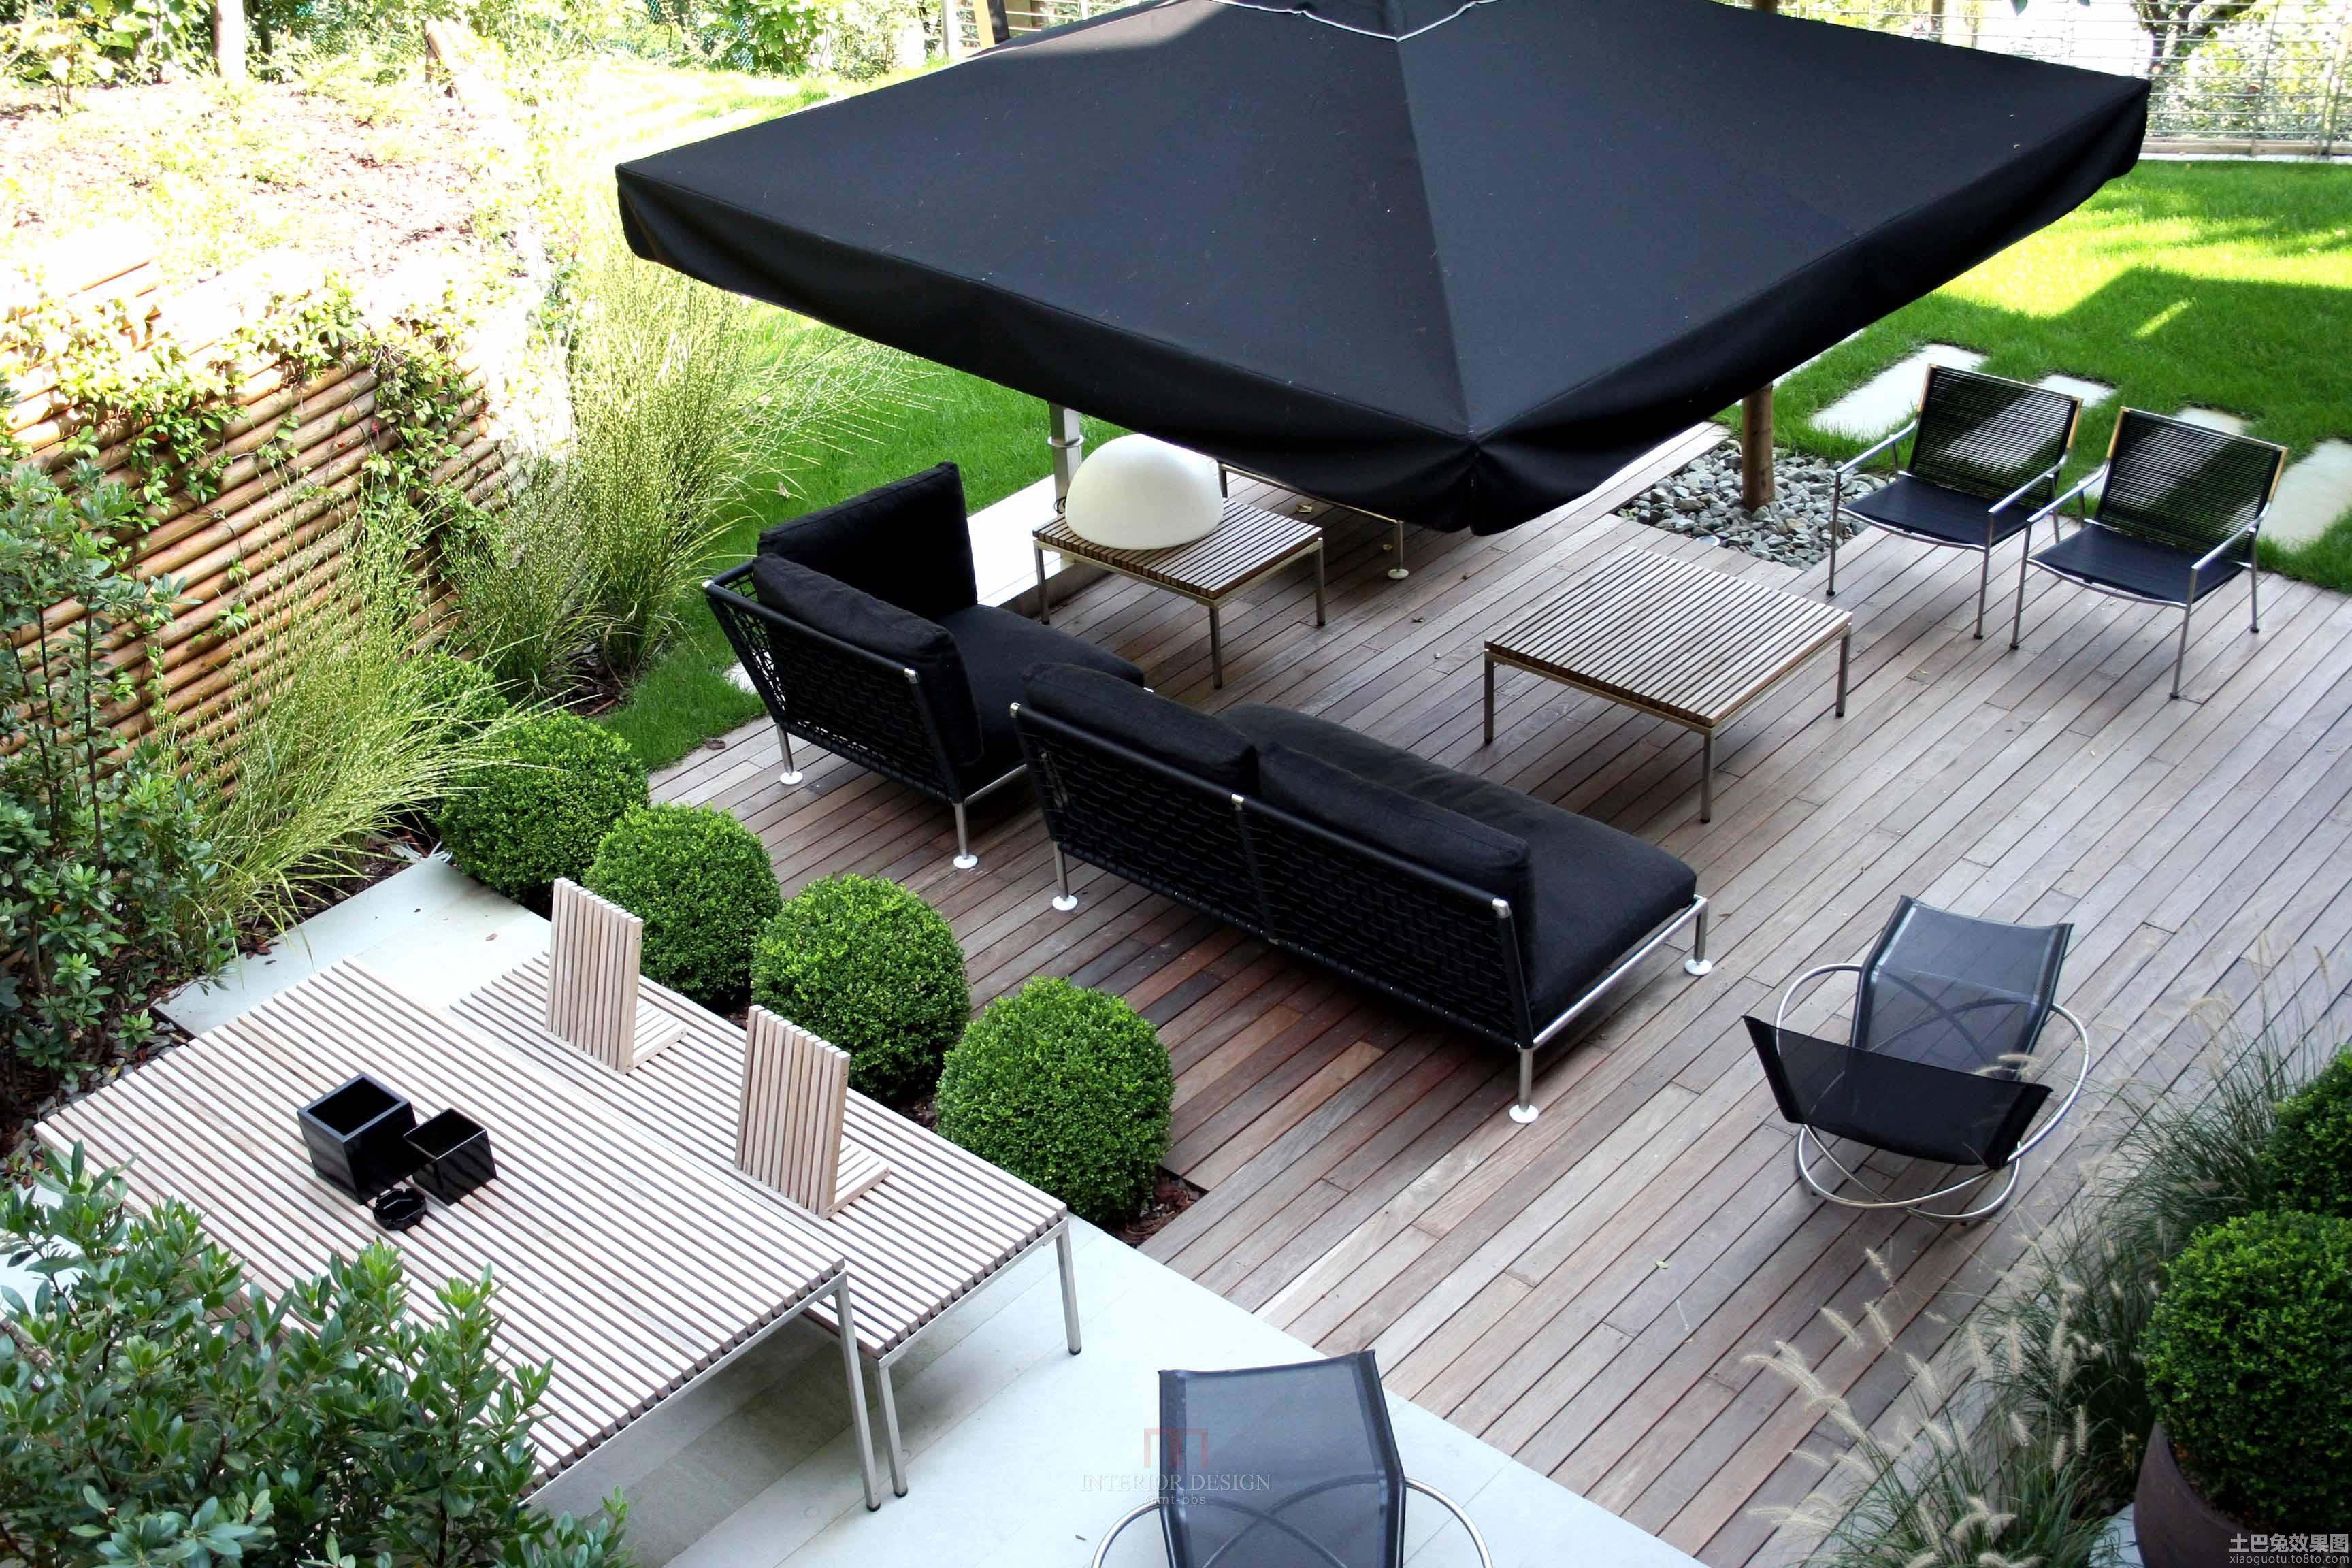 私家庭院景观设计效果图片装修效果图 第7张 家居图库 九正家居网